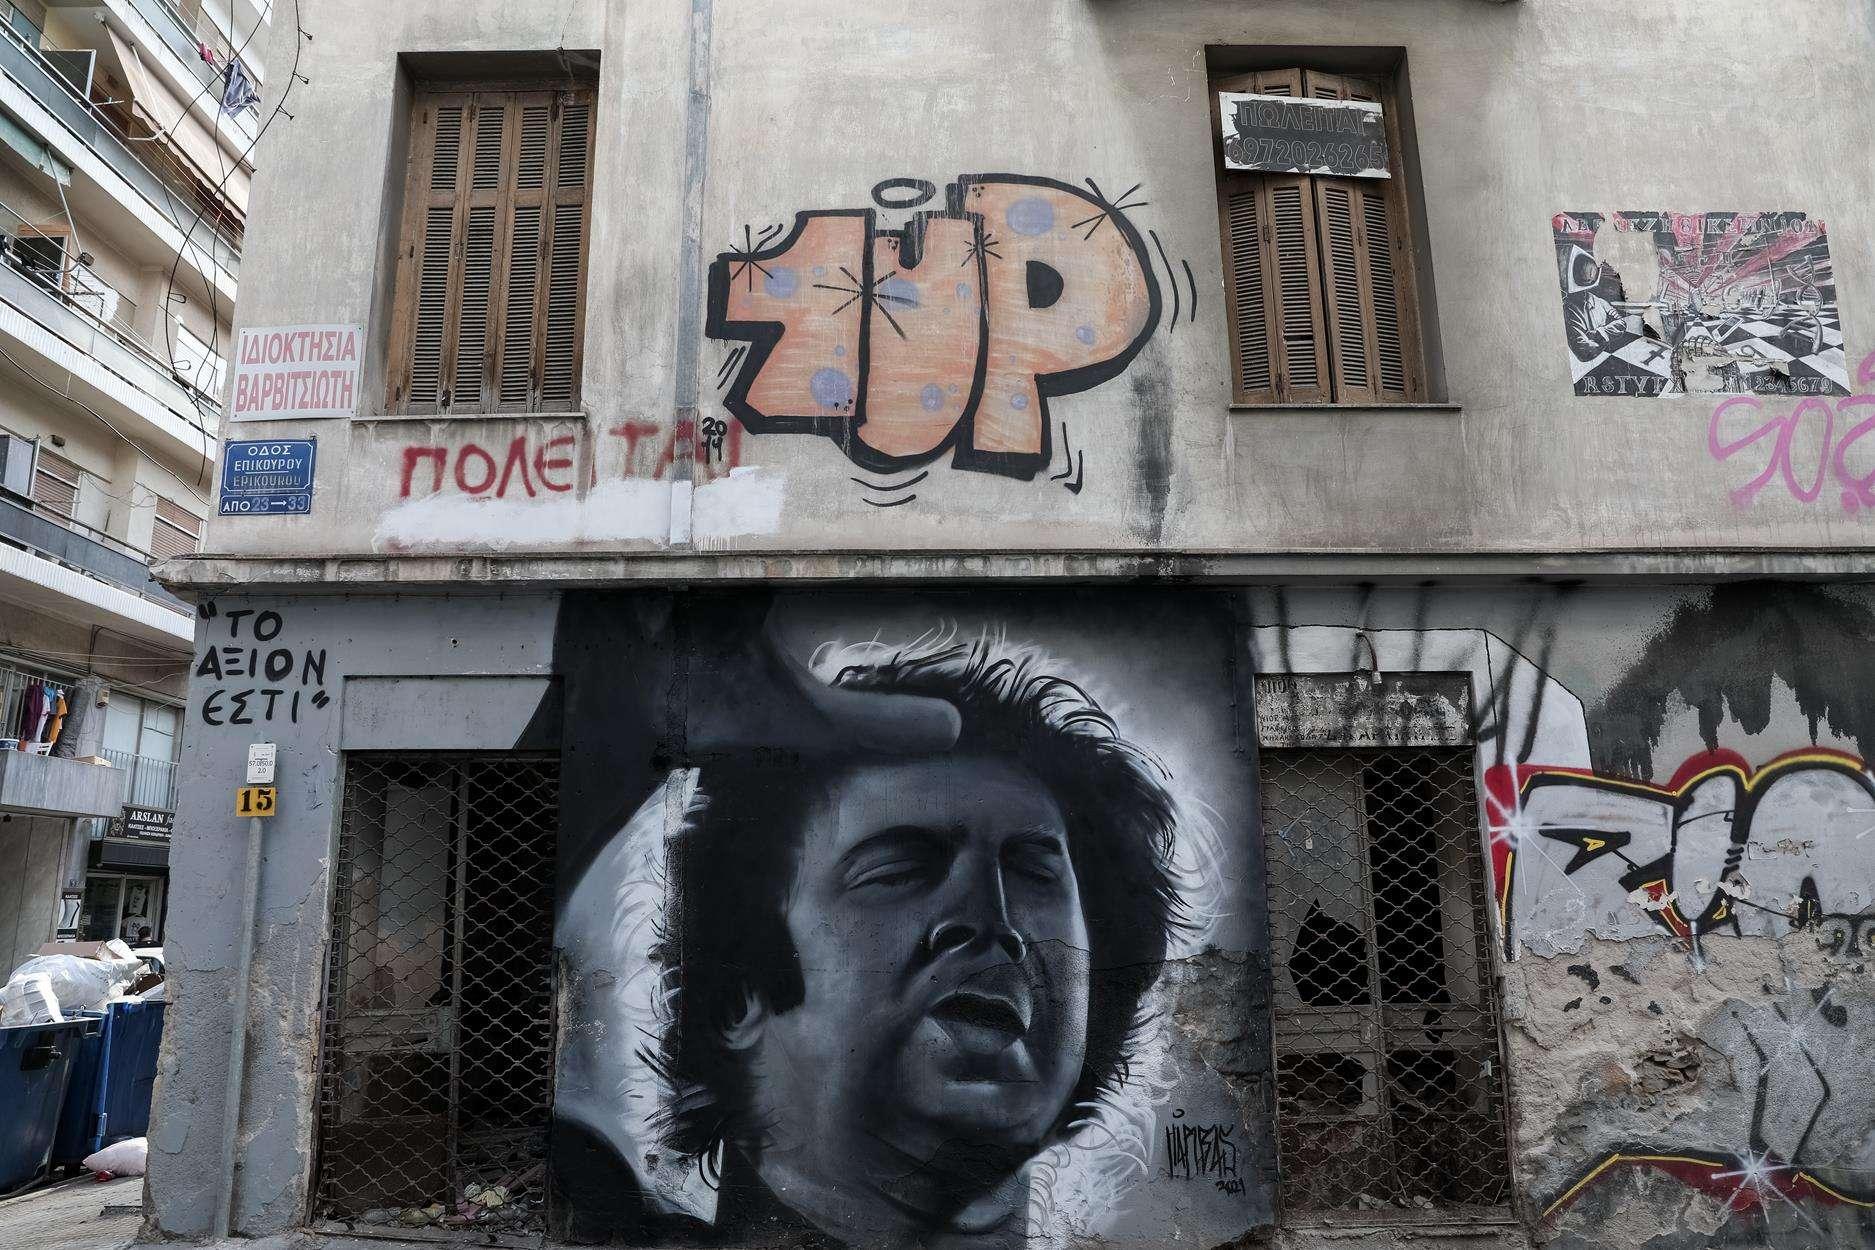 mikis theodorakis graffiti 2